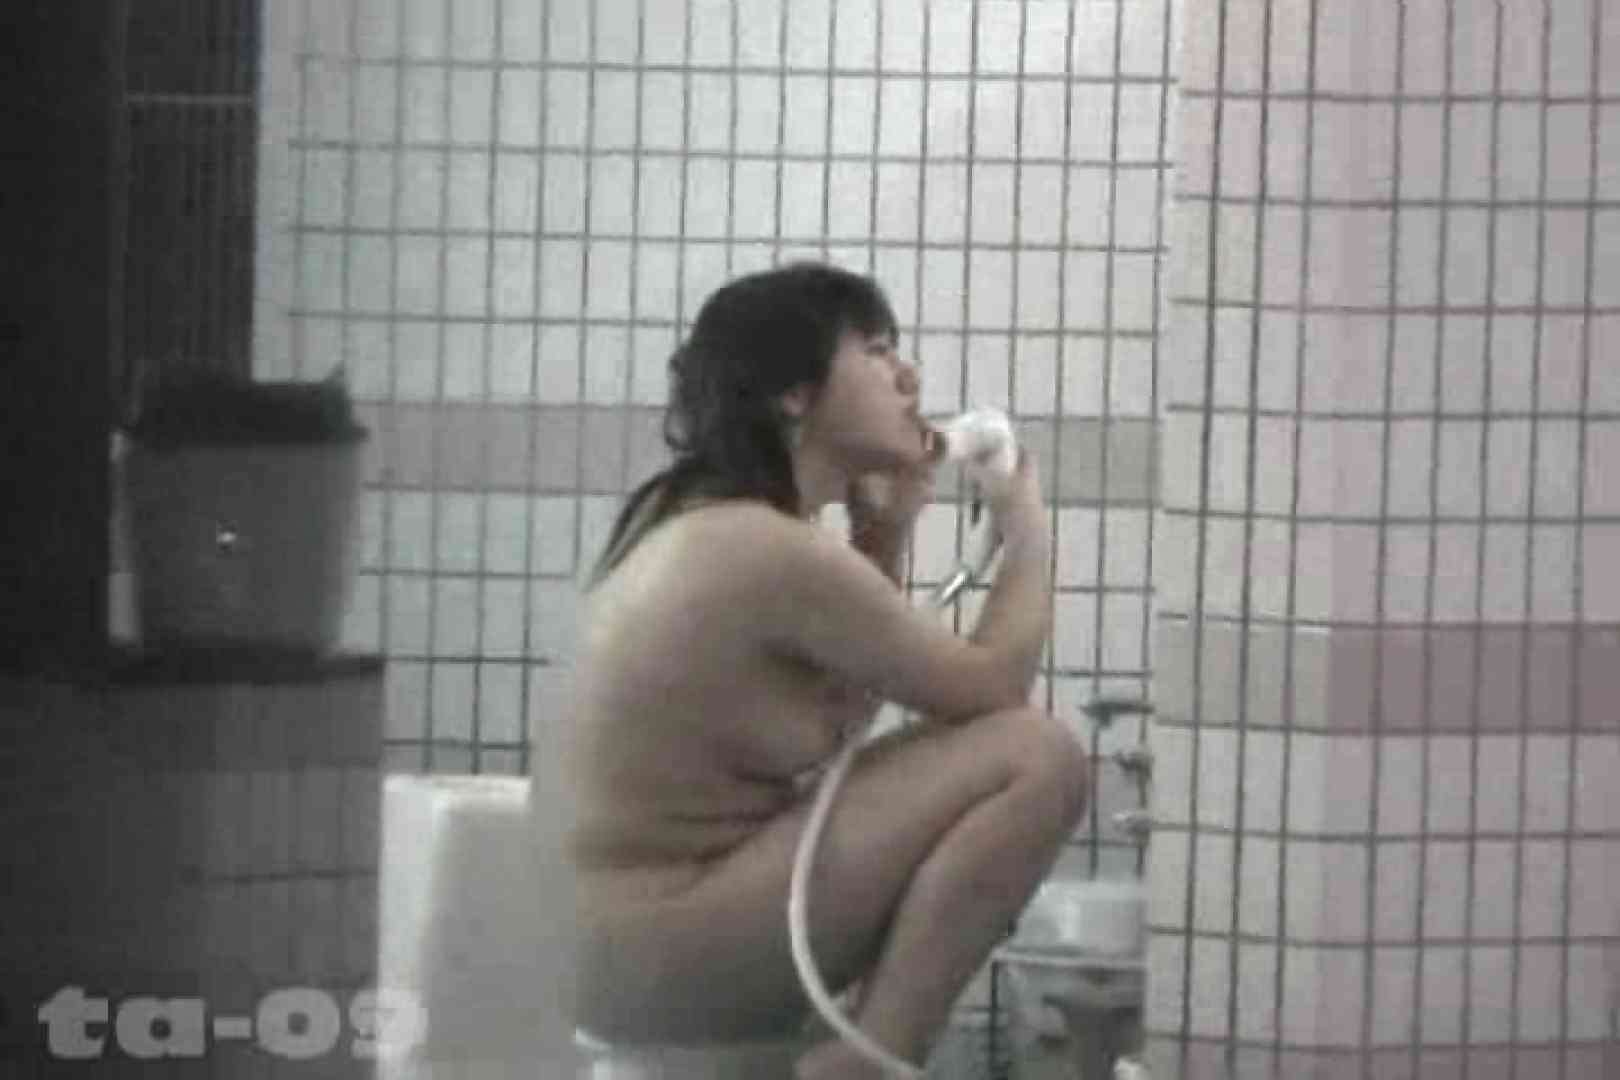 合宿ホテル女風呂盗撮高画質版 Vol.09 ホテルの中 | 女風呂  96枚 56